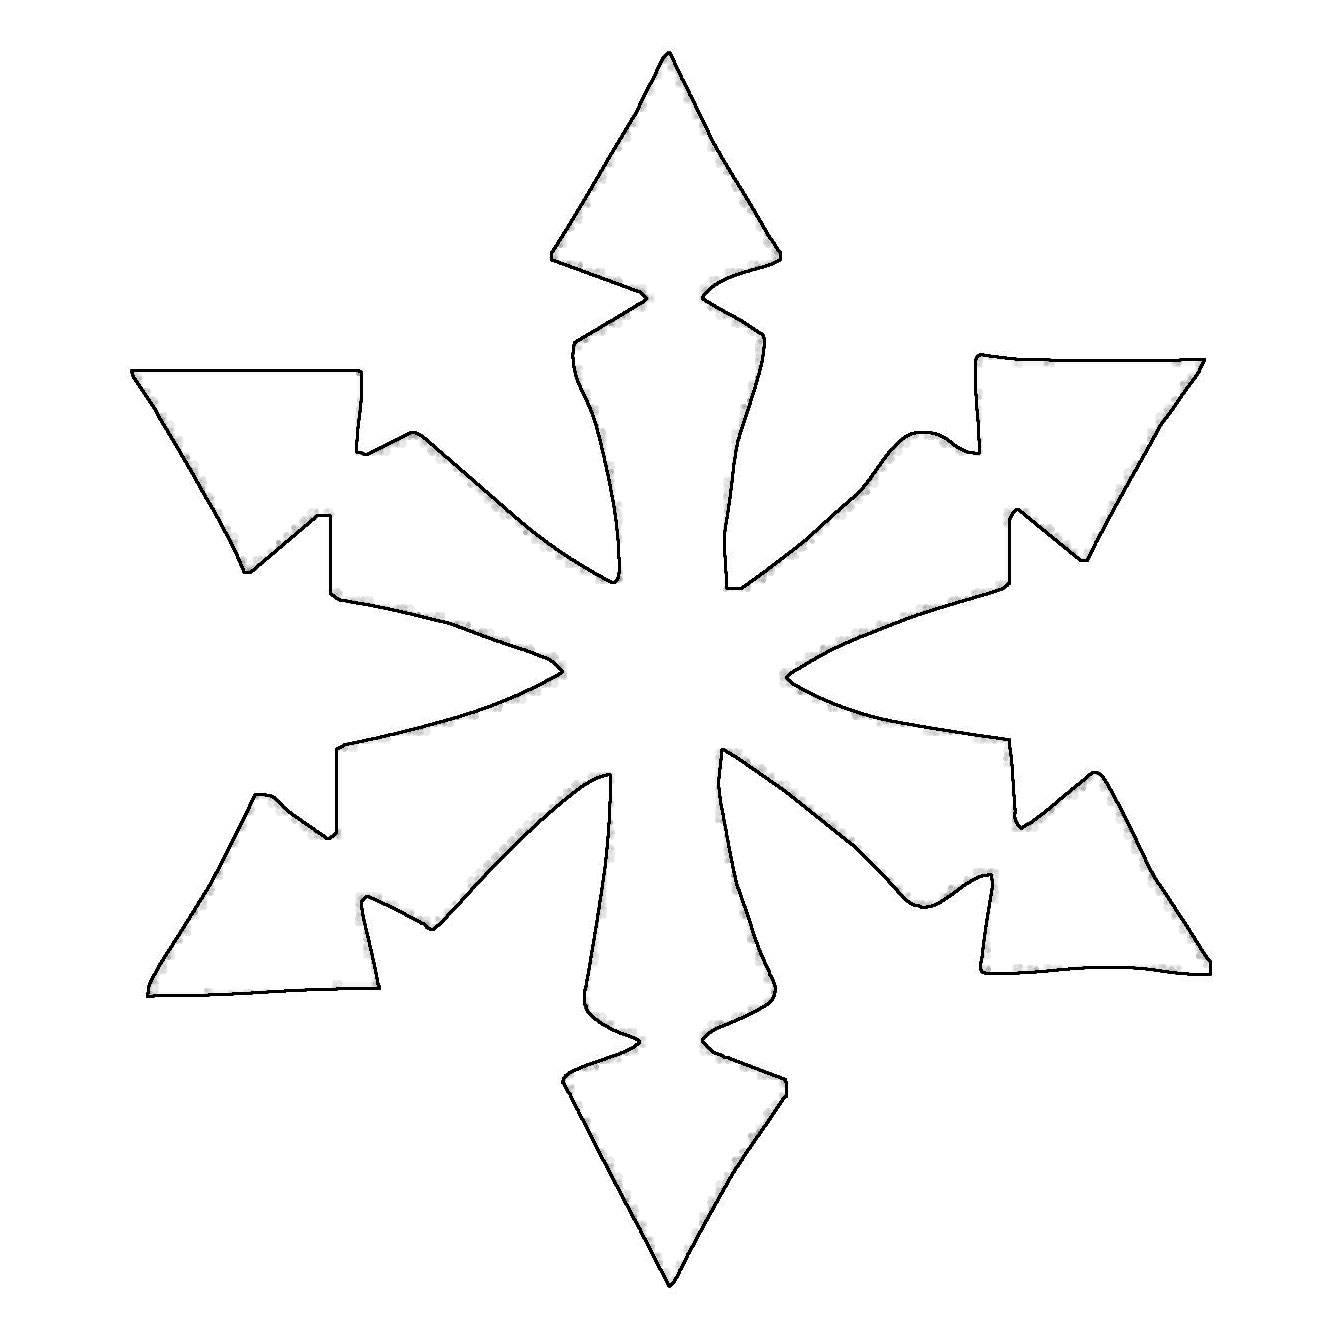 kostenlose malvorlage schneeflocken und sterne stern 7 zum ausmalen. Black Bedroom Furniture Sets. Home Design Ideas